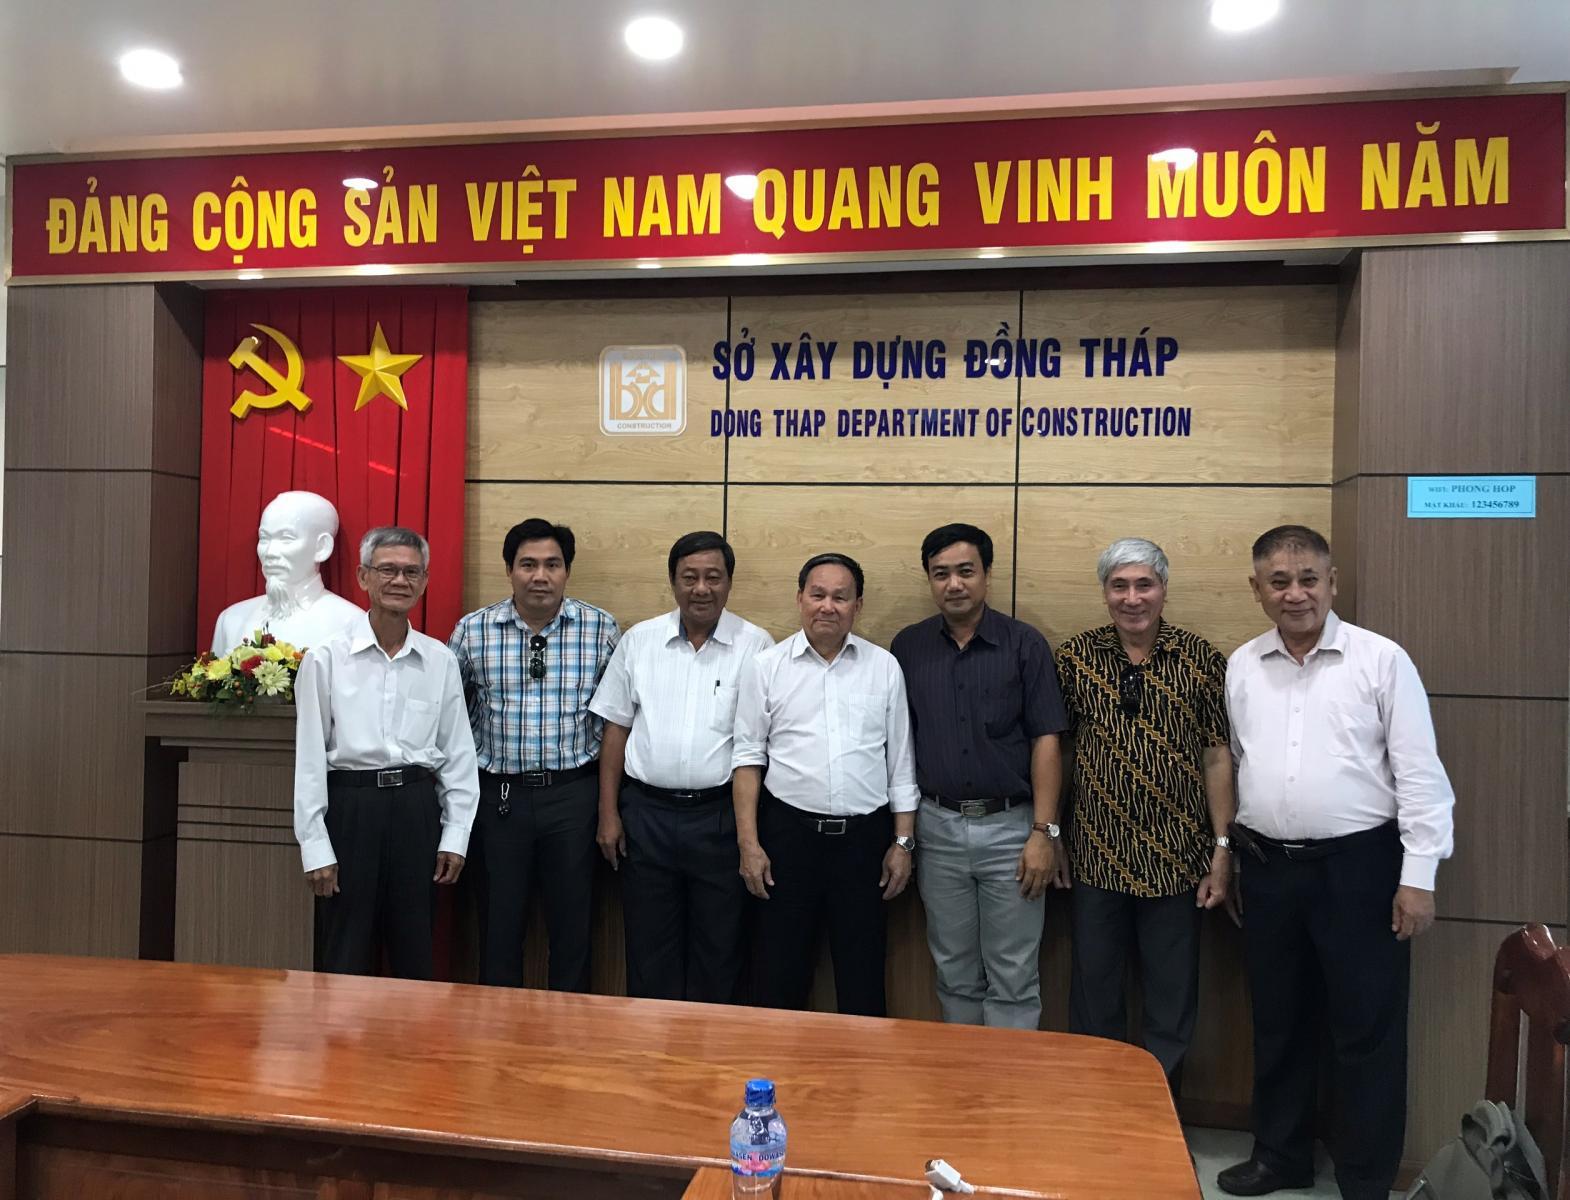 Hội Kiến trúc sư Việt Nam đến thăm và làm việc với Hội Kiến trúc sư Đồng Tháp